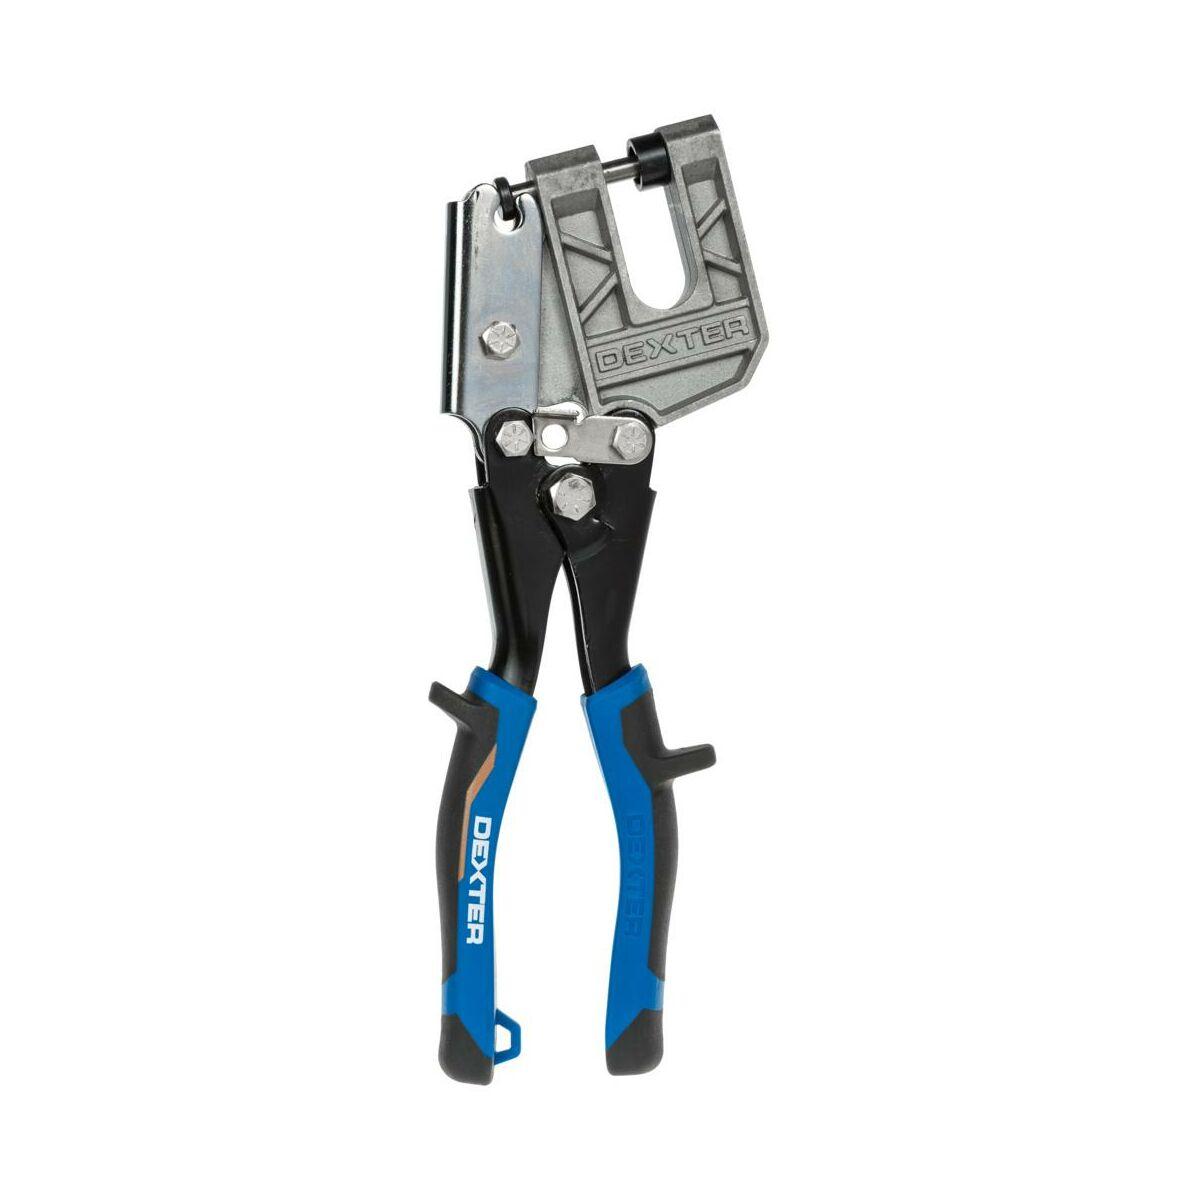 Szczypce Do Laczenia Profili 250 Mm Dexter Kombinerki Szczypce I Obcegi W Atrakcyjnej Cenie W Sklepach Leroy Merlin